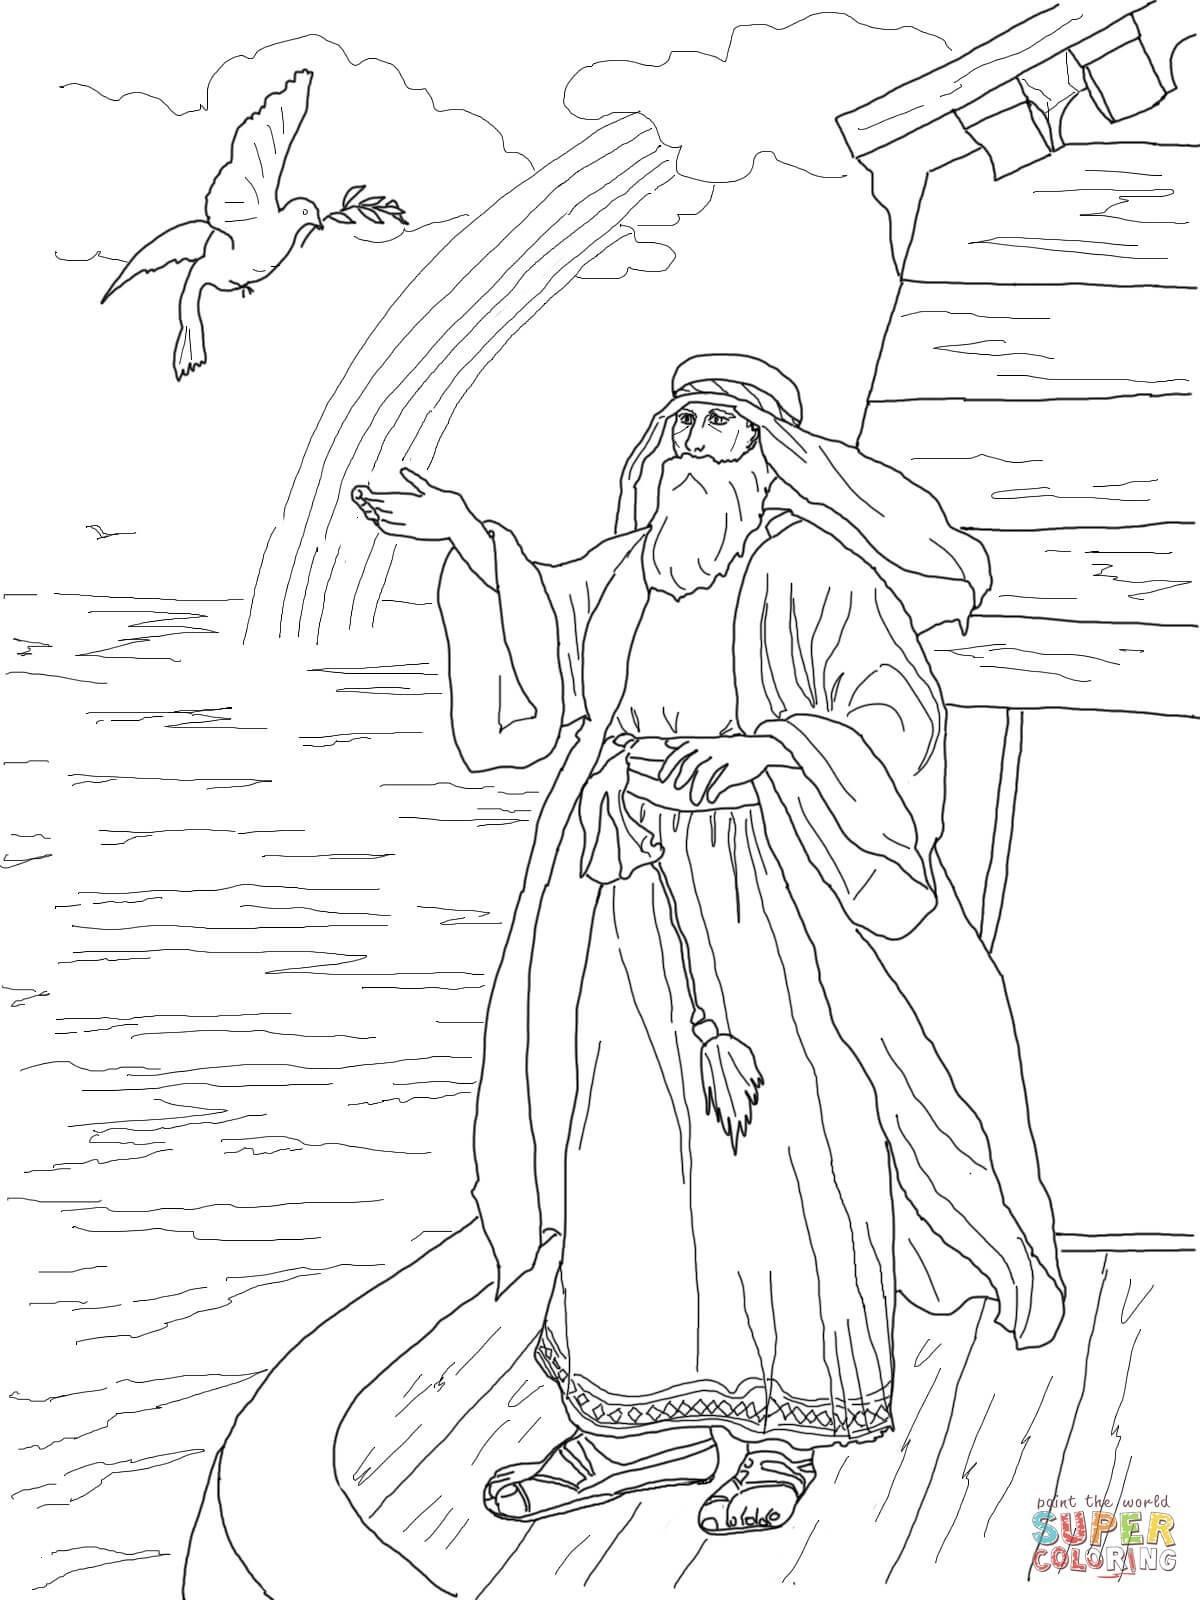 Arche Noah Ausmalbild Inspirierend Noah Und Die Arche Malvorlagen Inspirierend Ausmalbild Noahs Taube Galerie